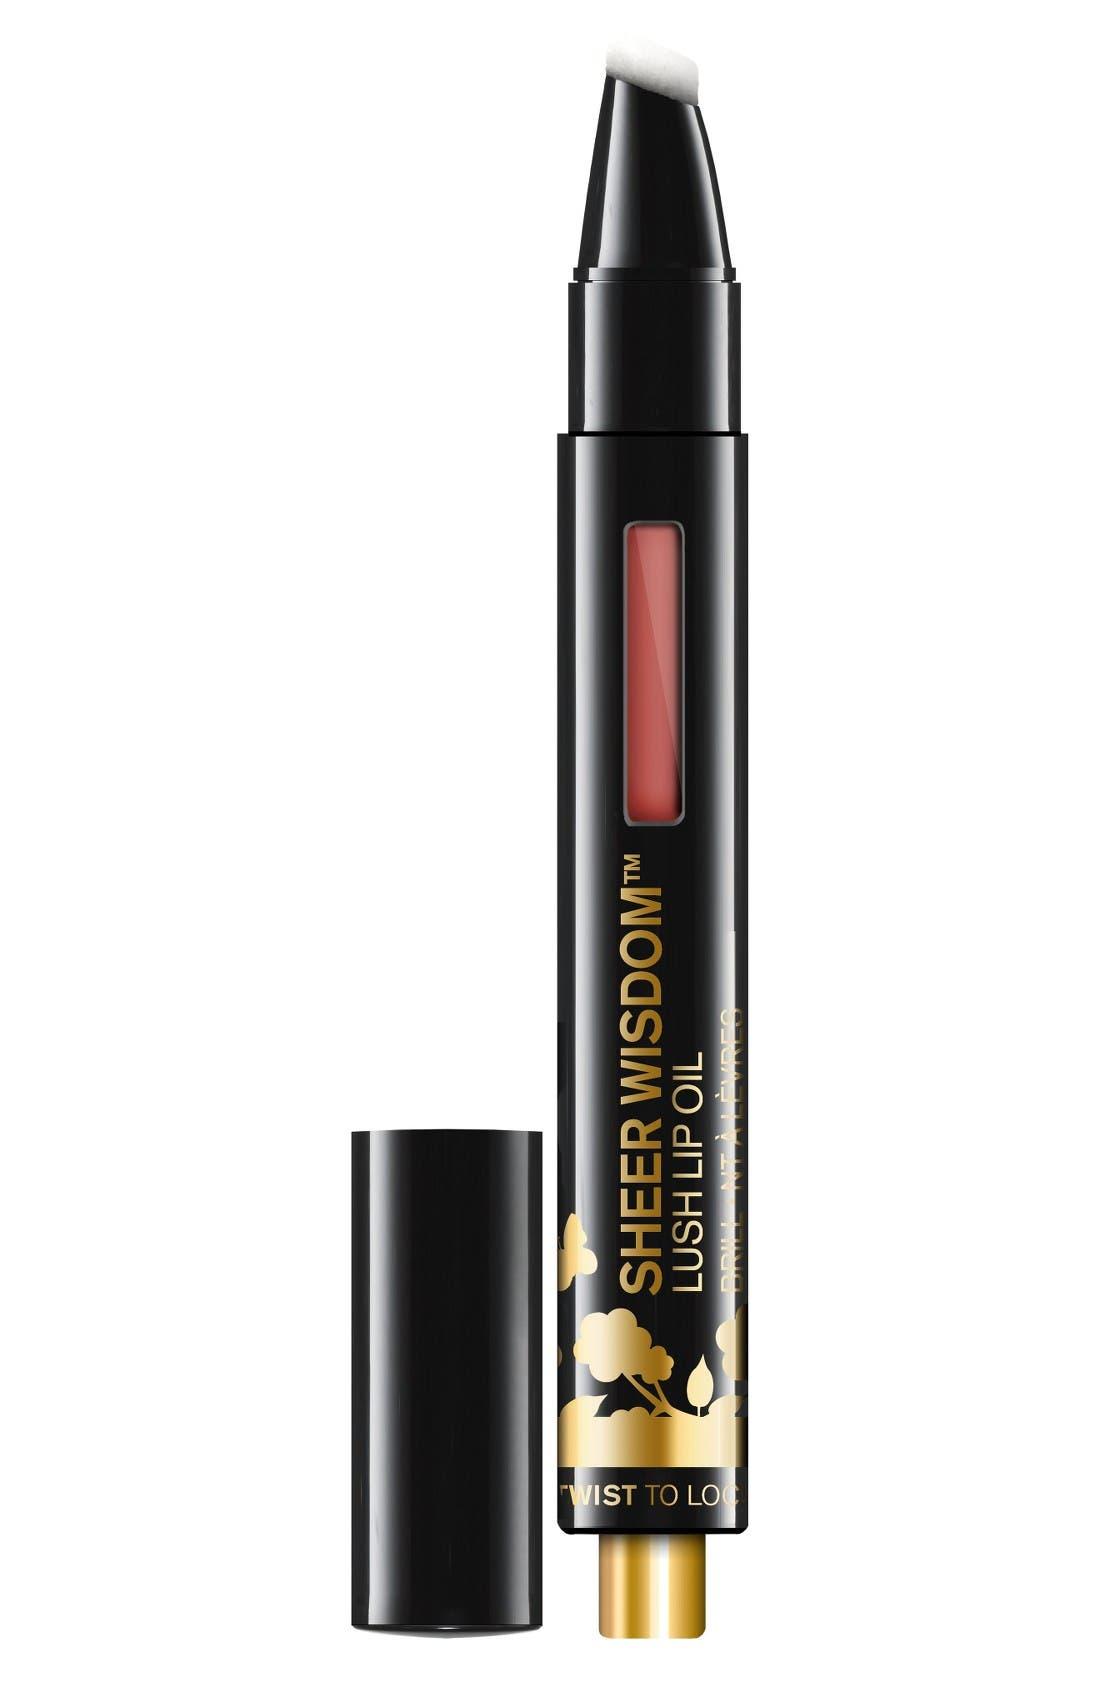 Sheer Wisdom Lip Oil,                         Main,                         color, Cinnamon Spice